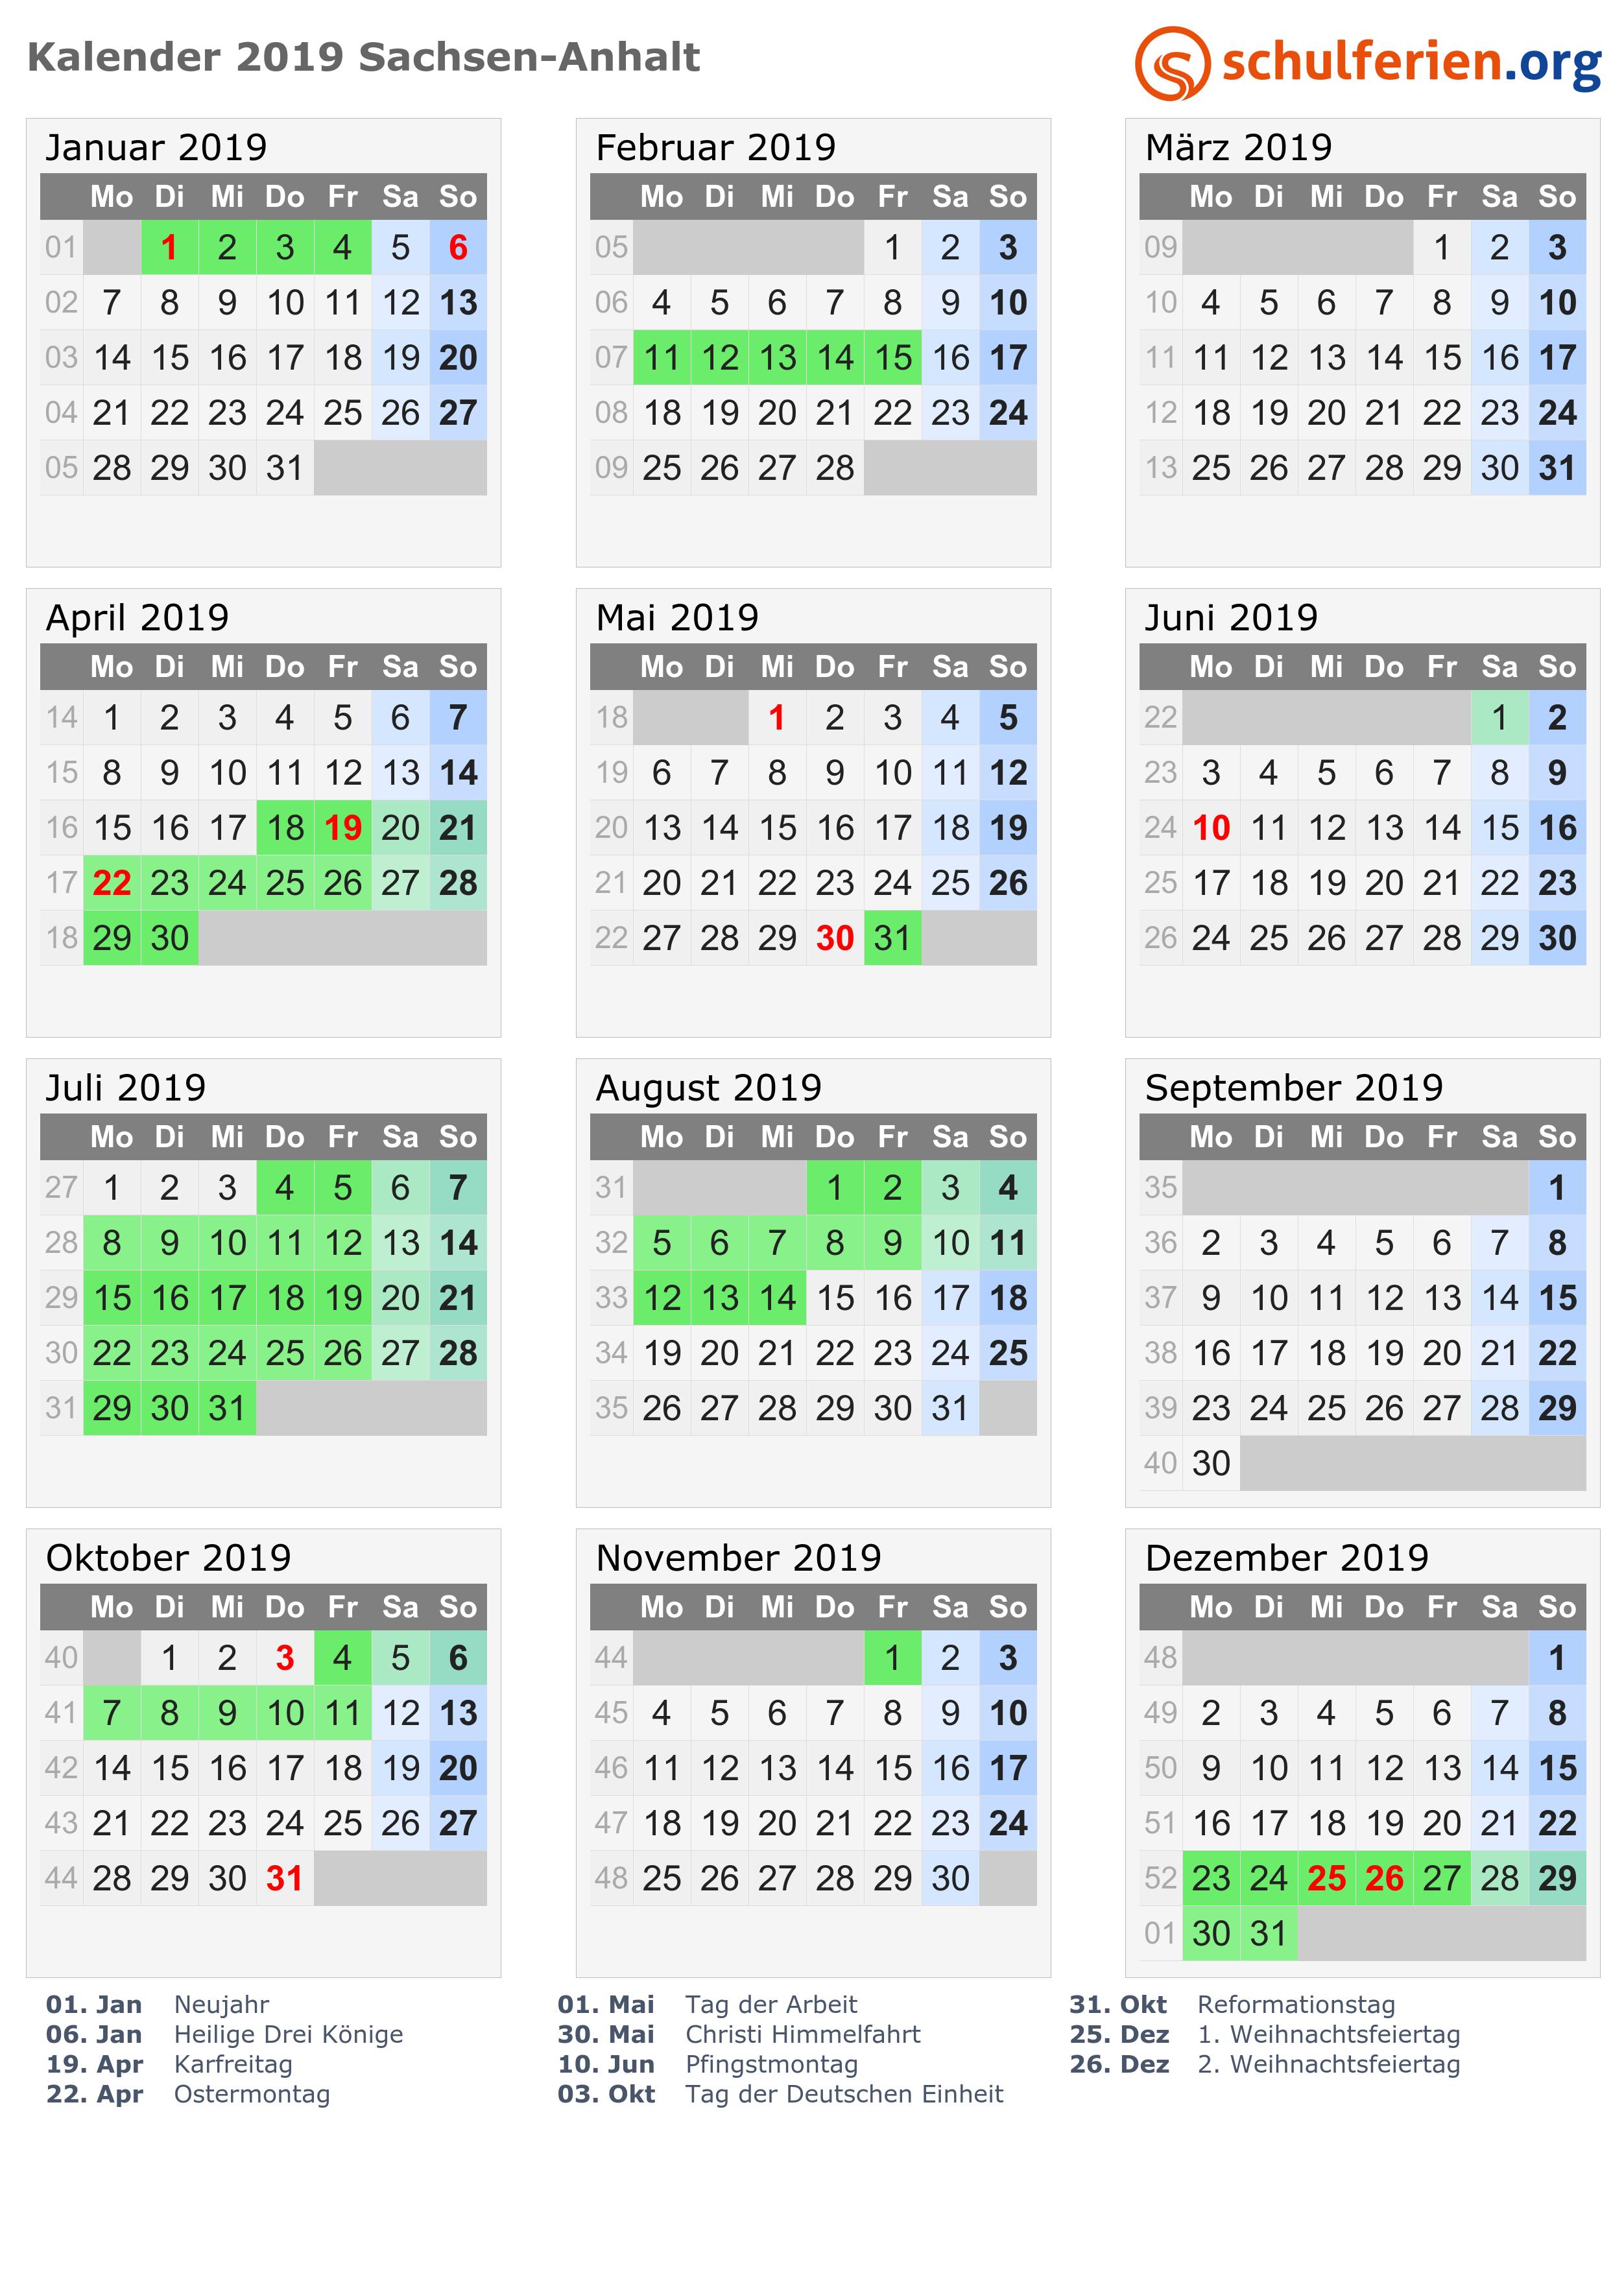 Kalender 2019 Ferien Sachsen Anhalt Feiertage